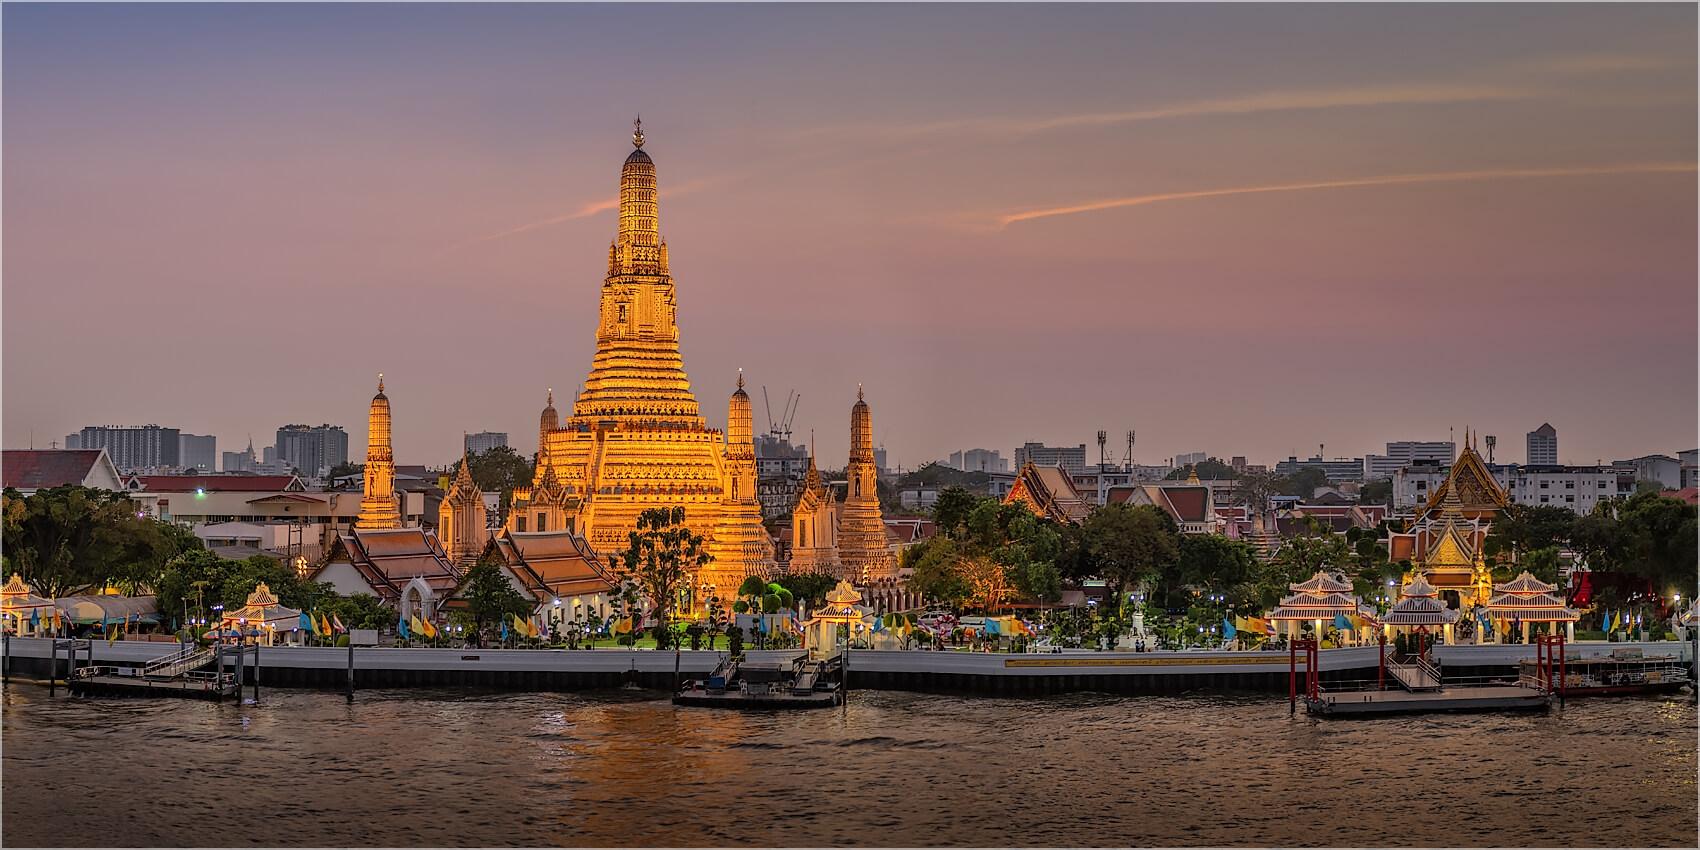 Panoramabild Wat Aurun Tempel Bangkok